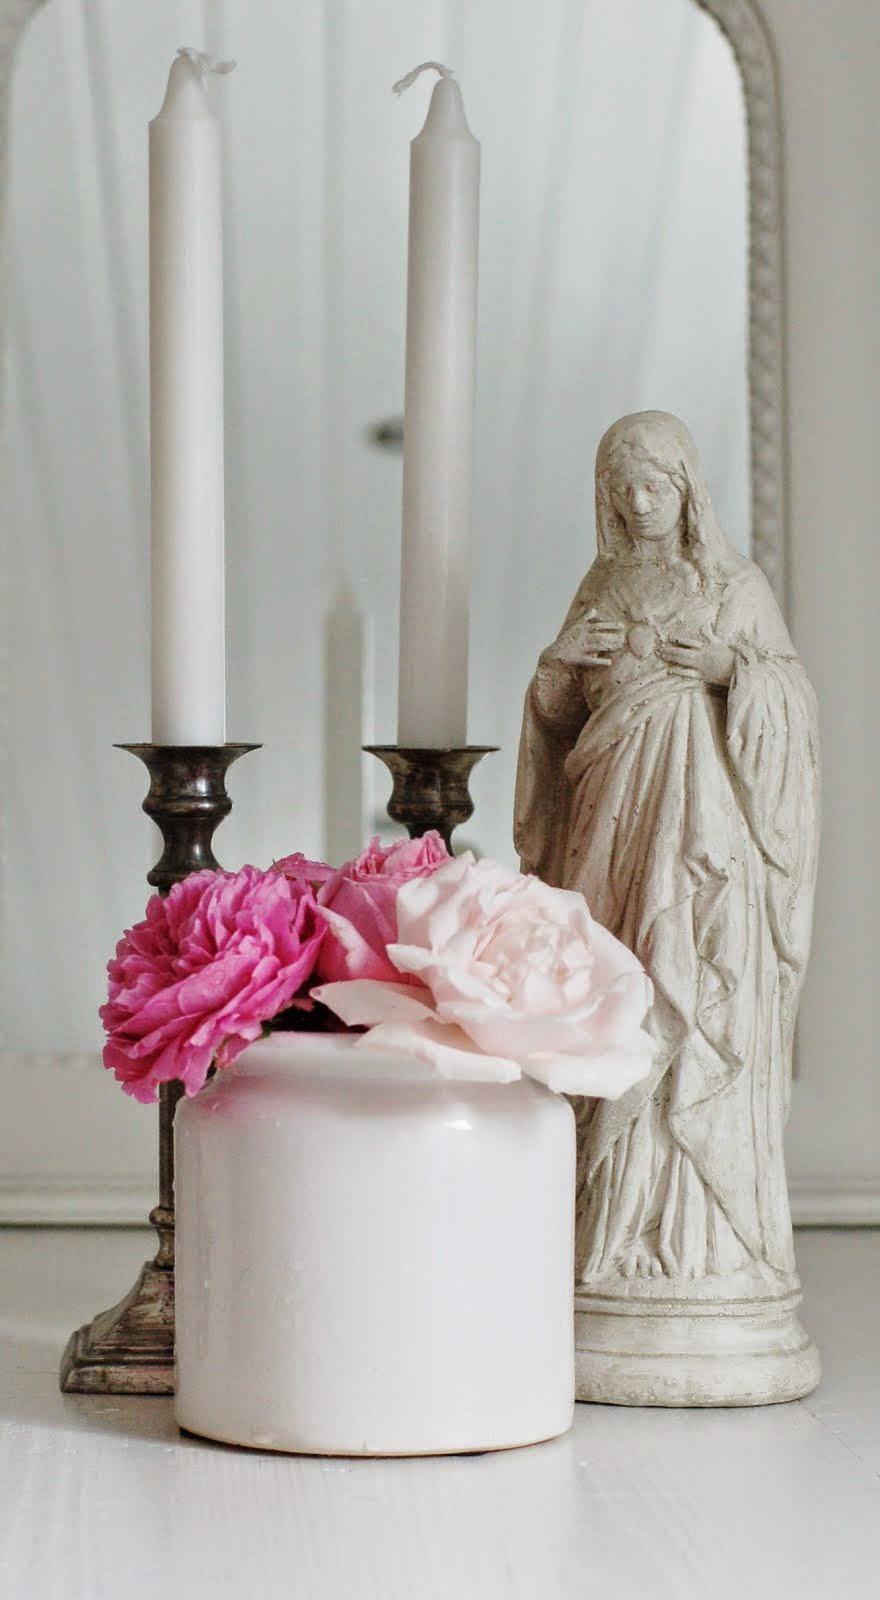 roser fra egen hage